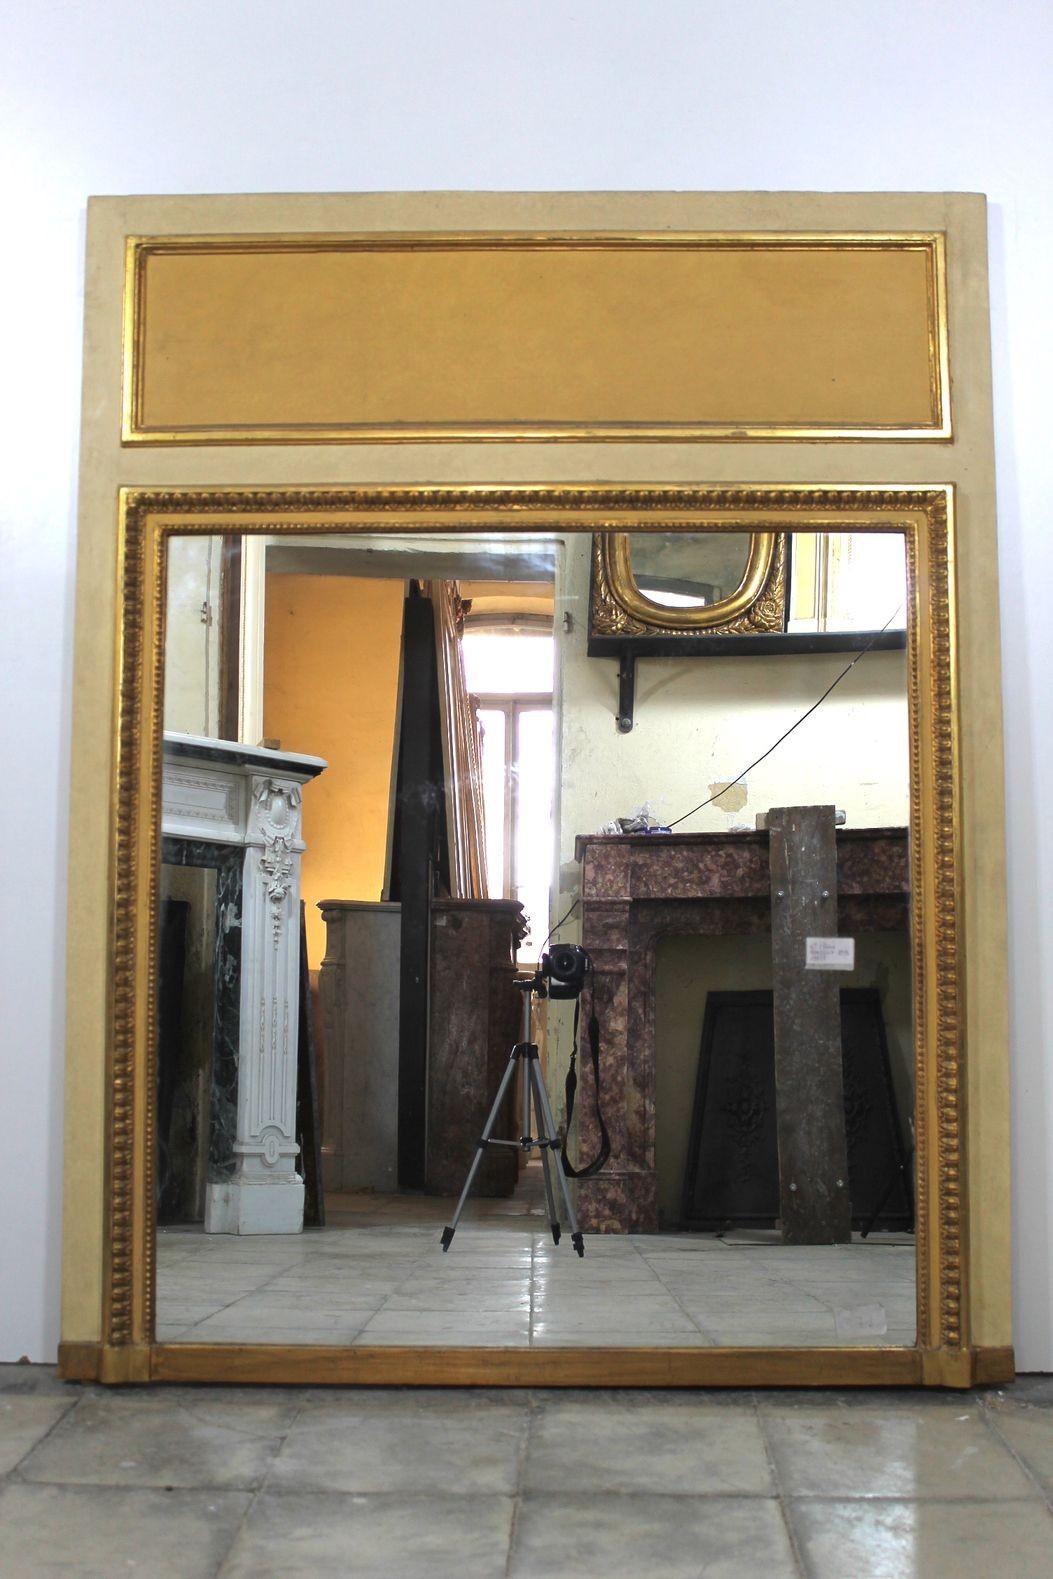 207M (0001) CAMINIERA A PANNELLO D'EPOCA NAPOLEONE III